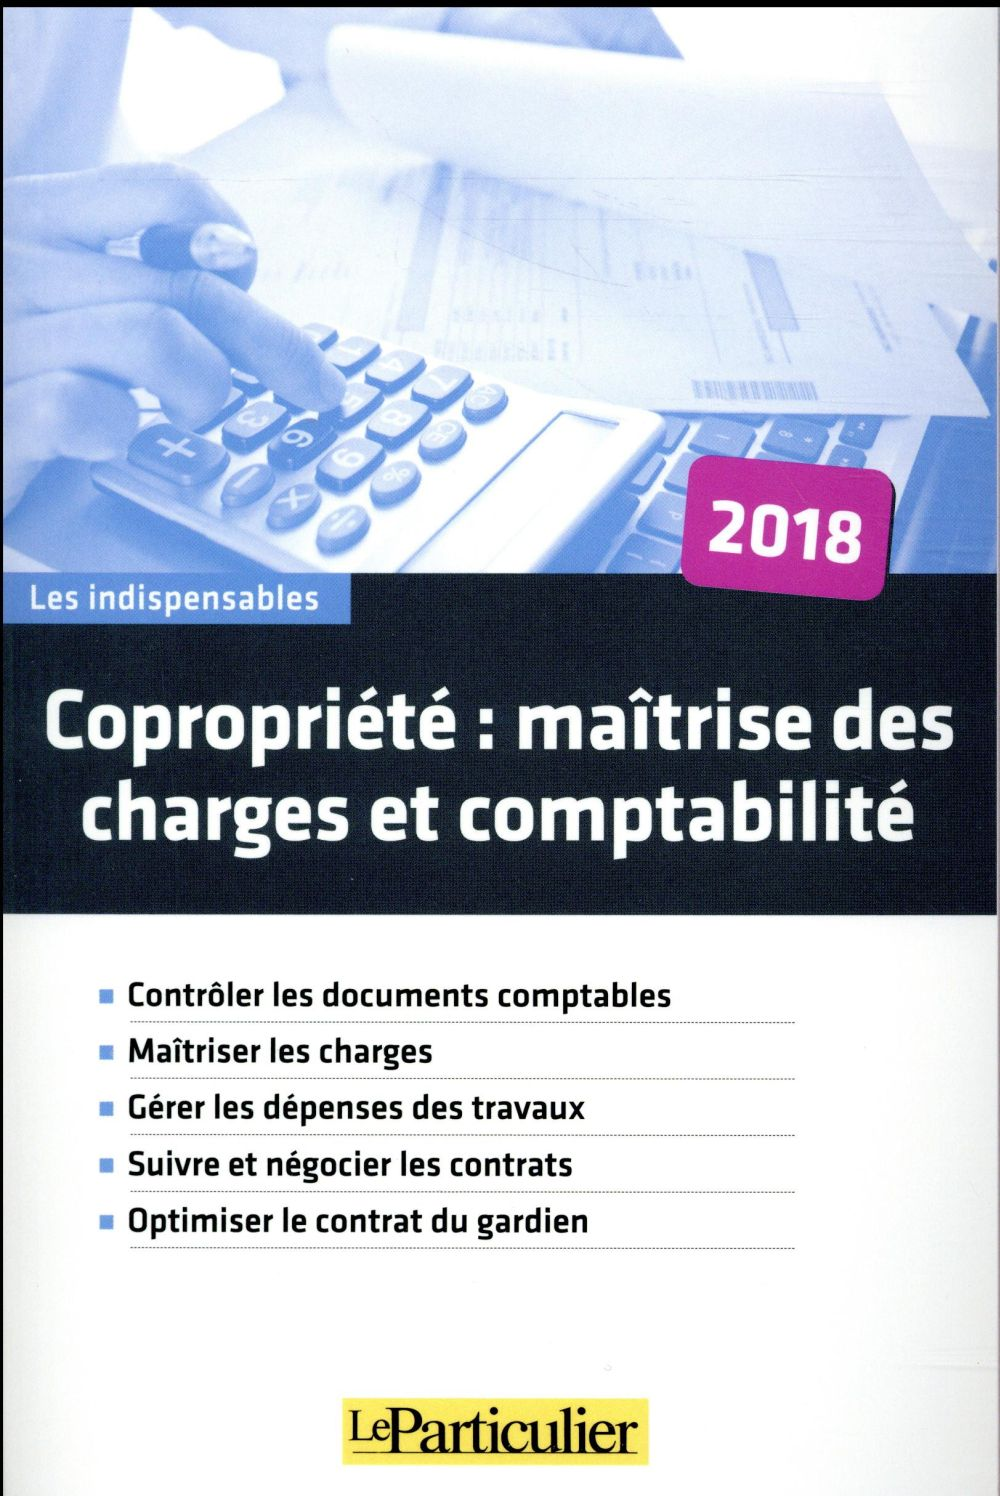 COPROPRIETE MAITRISE DES CHARGES ET COMPTABILITE